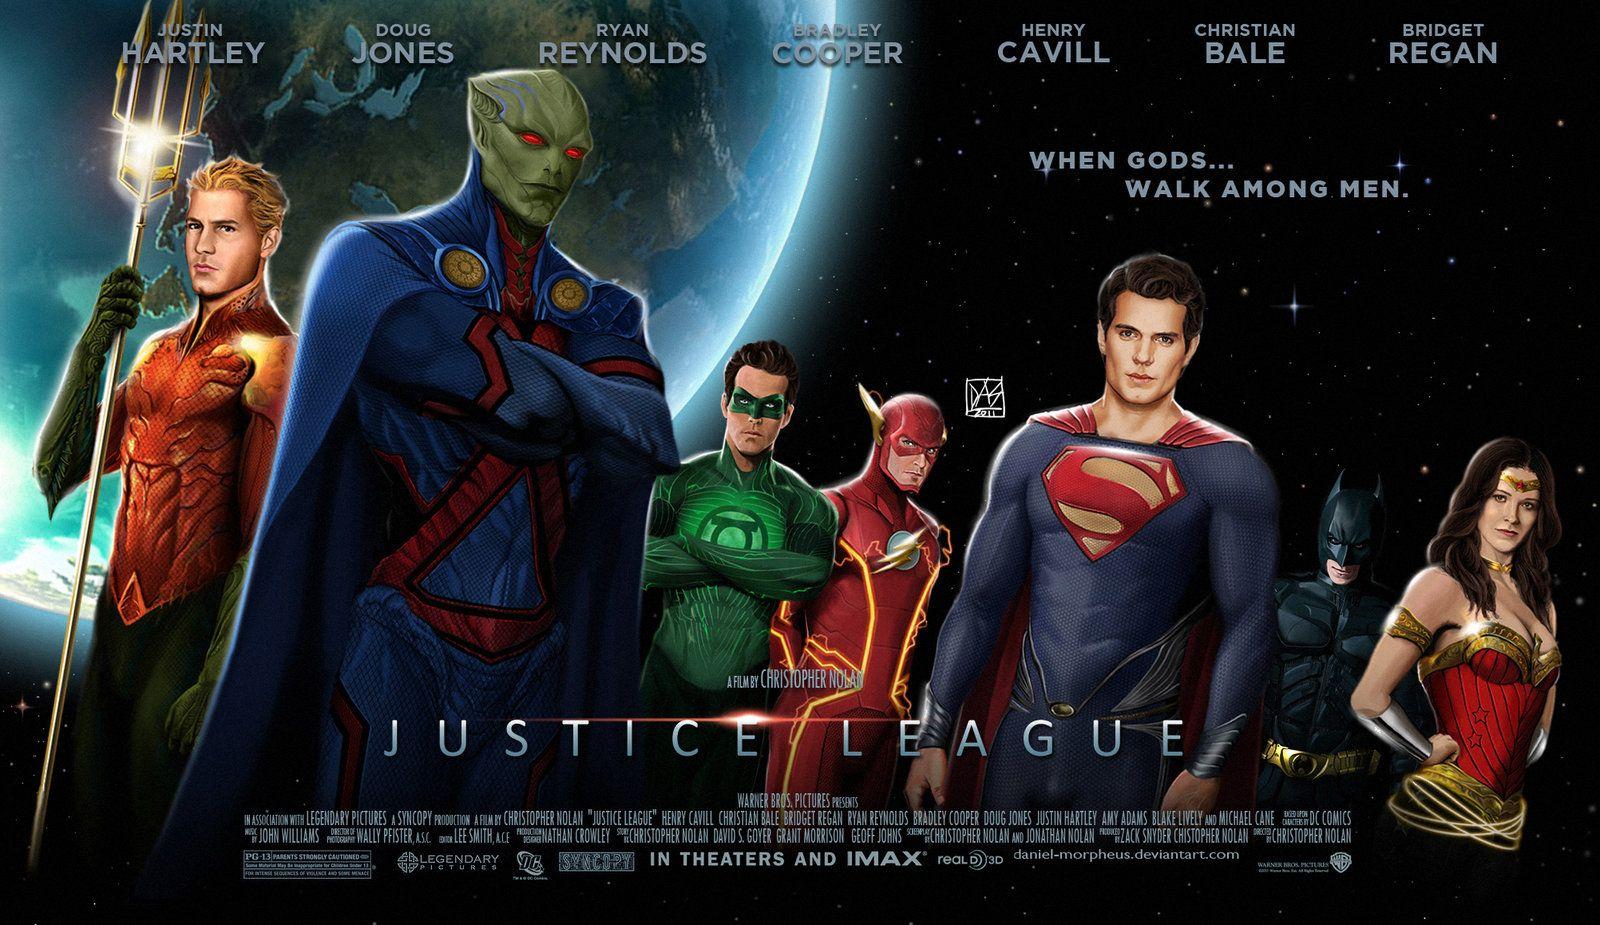 Justice League Film By Christopher Nolan Concept Poster By Daniel Morpheus Deviantart The Concept Poster For The Justice Filmes Quadrinhos Lista De Filmes